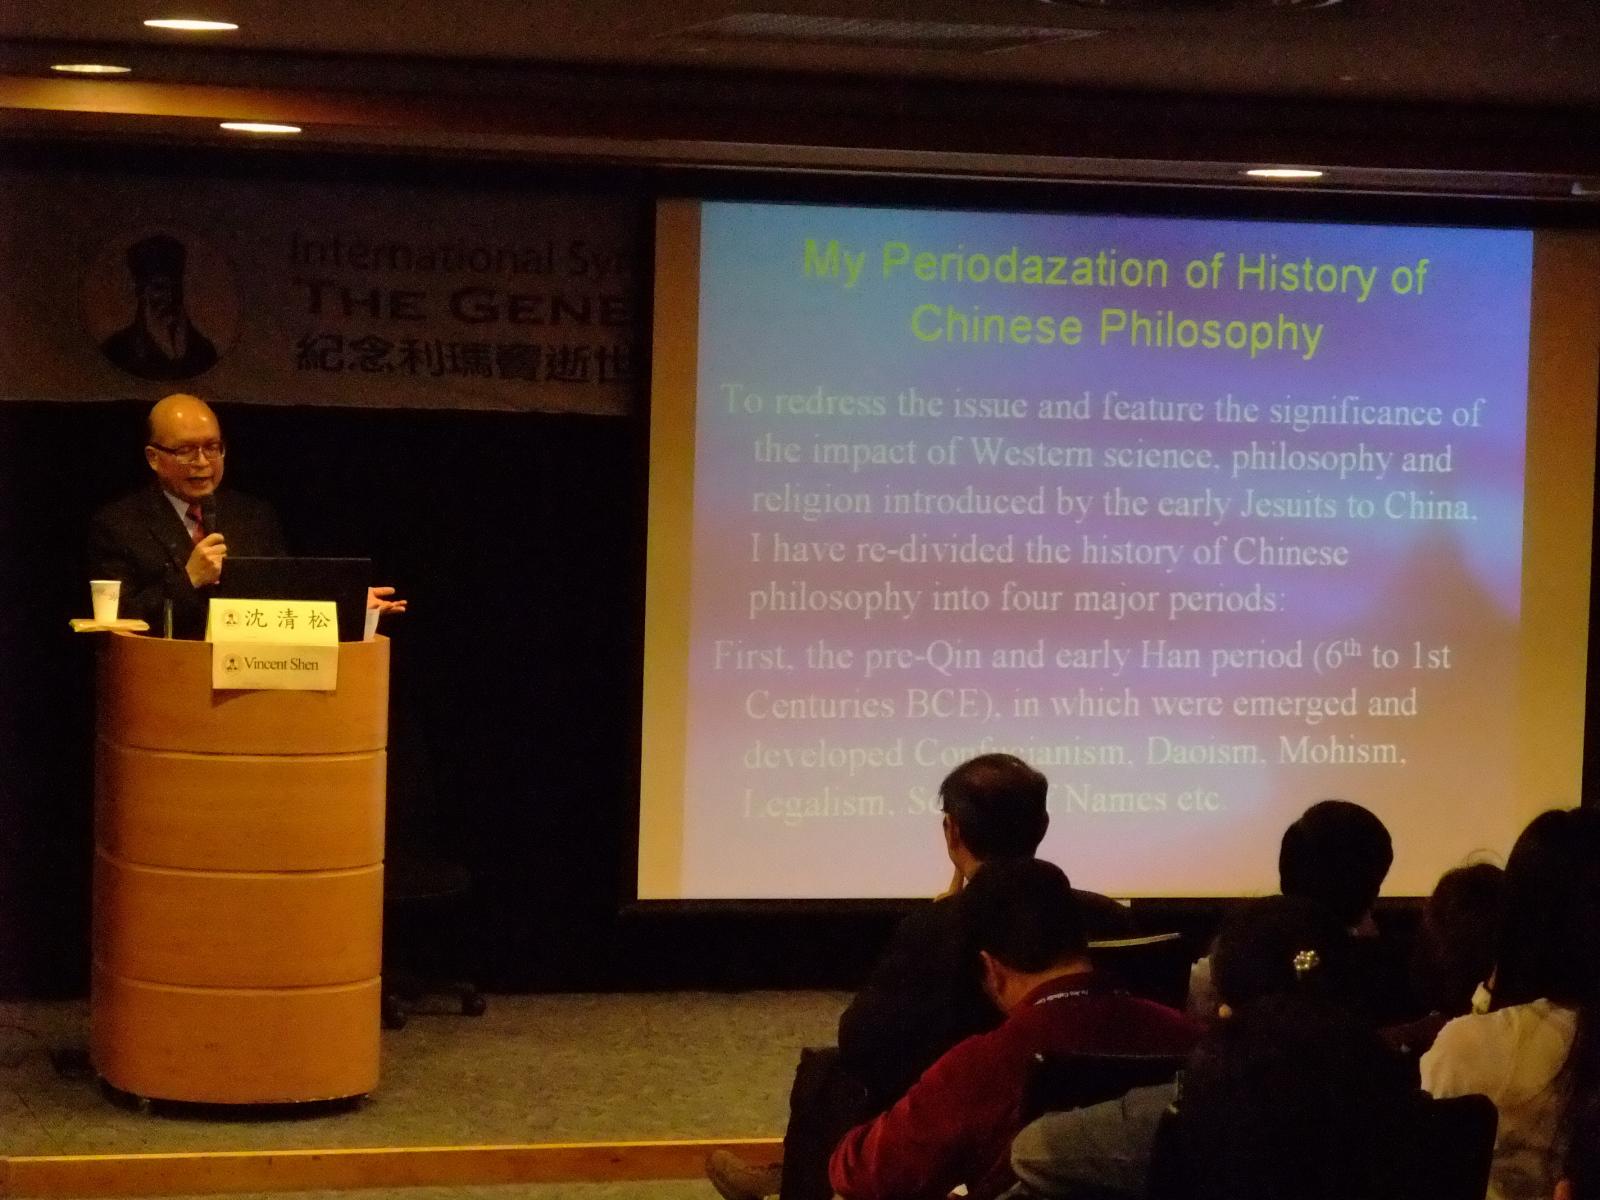 201004紀念利瑪竇逝世四百週年國際學術研討會-10